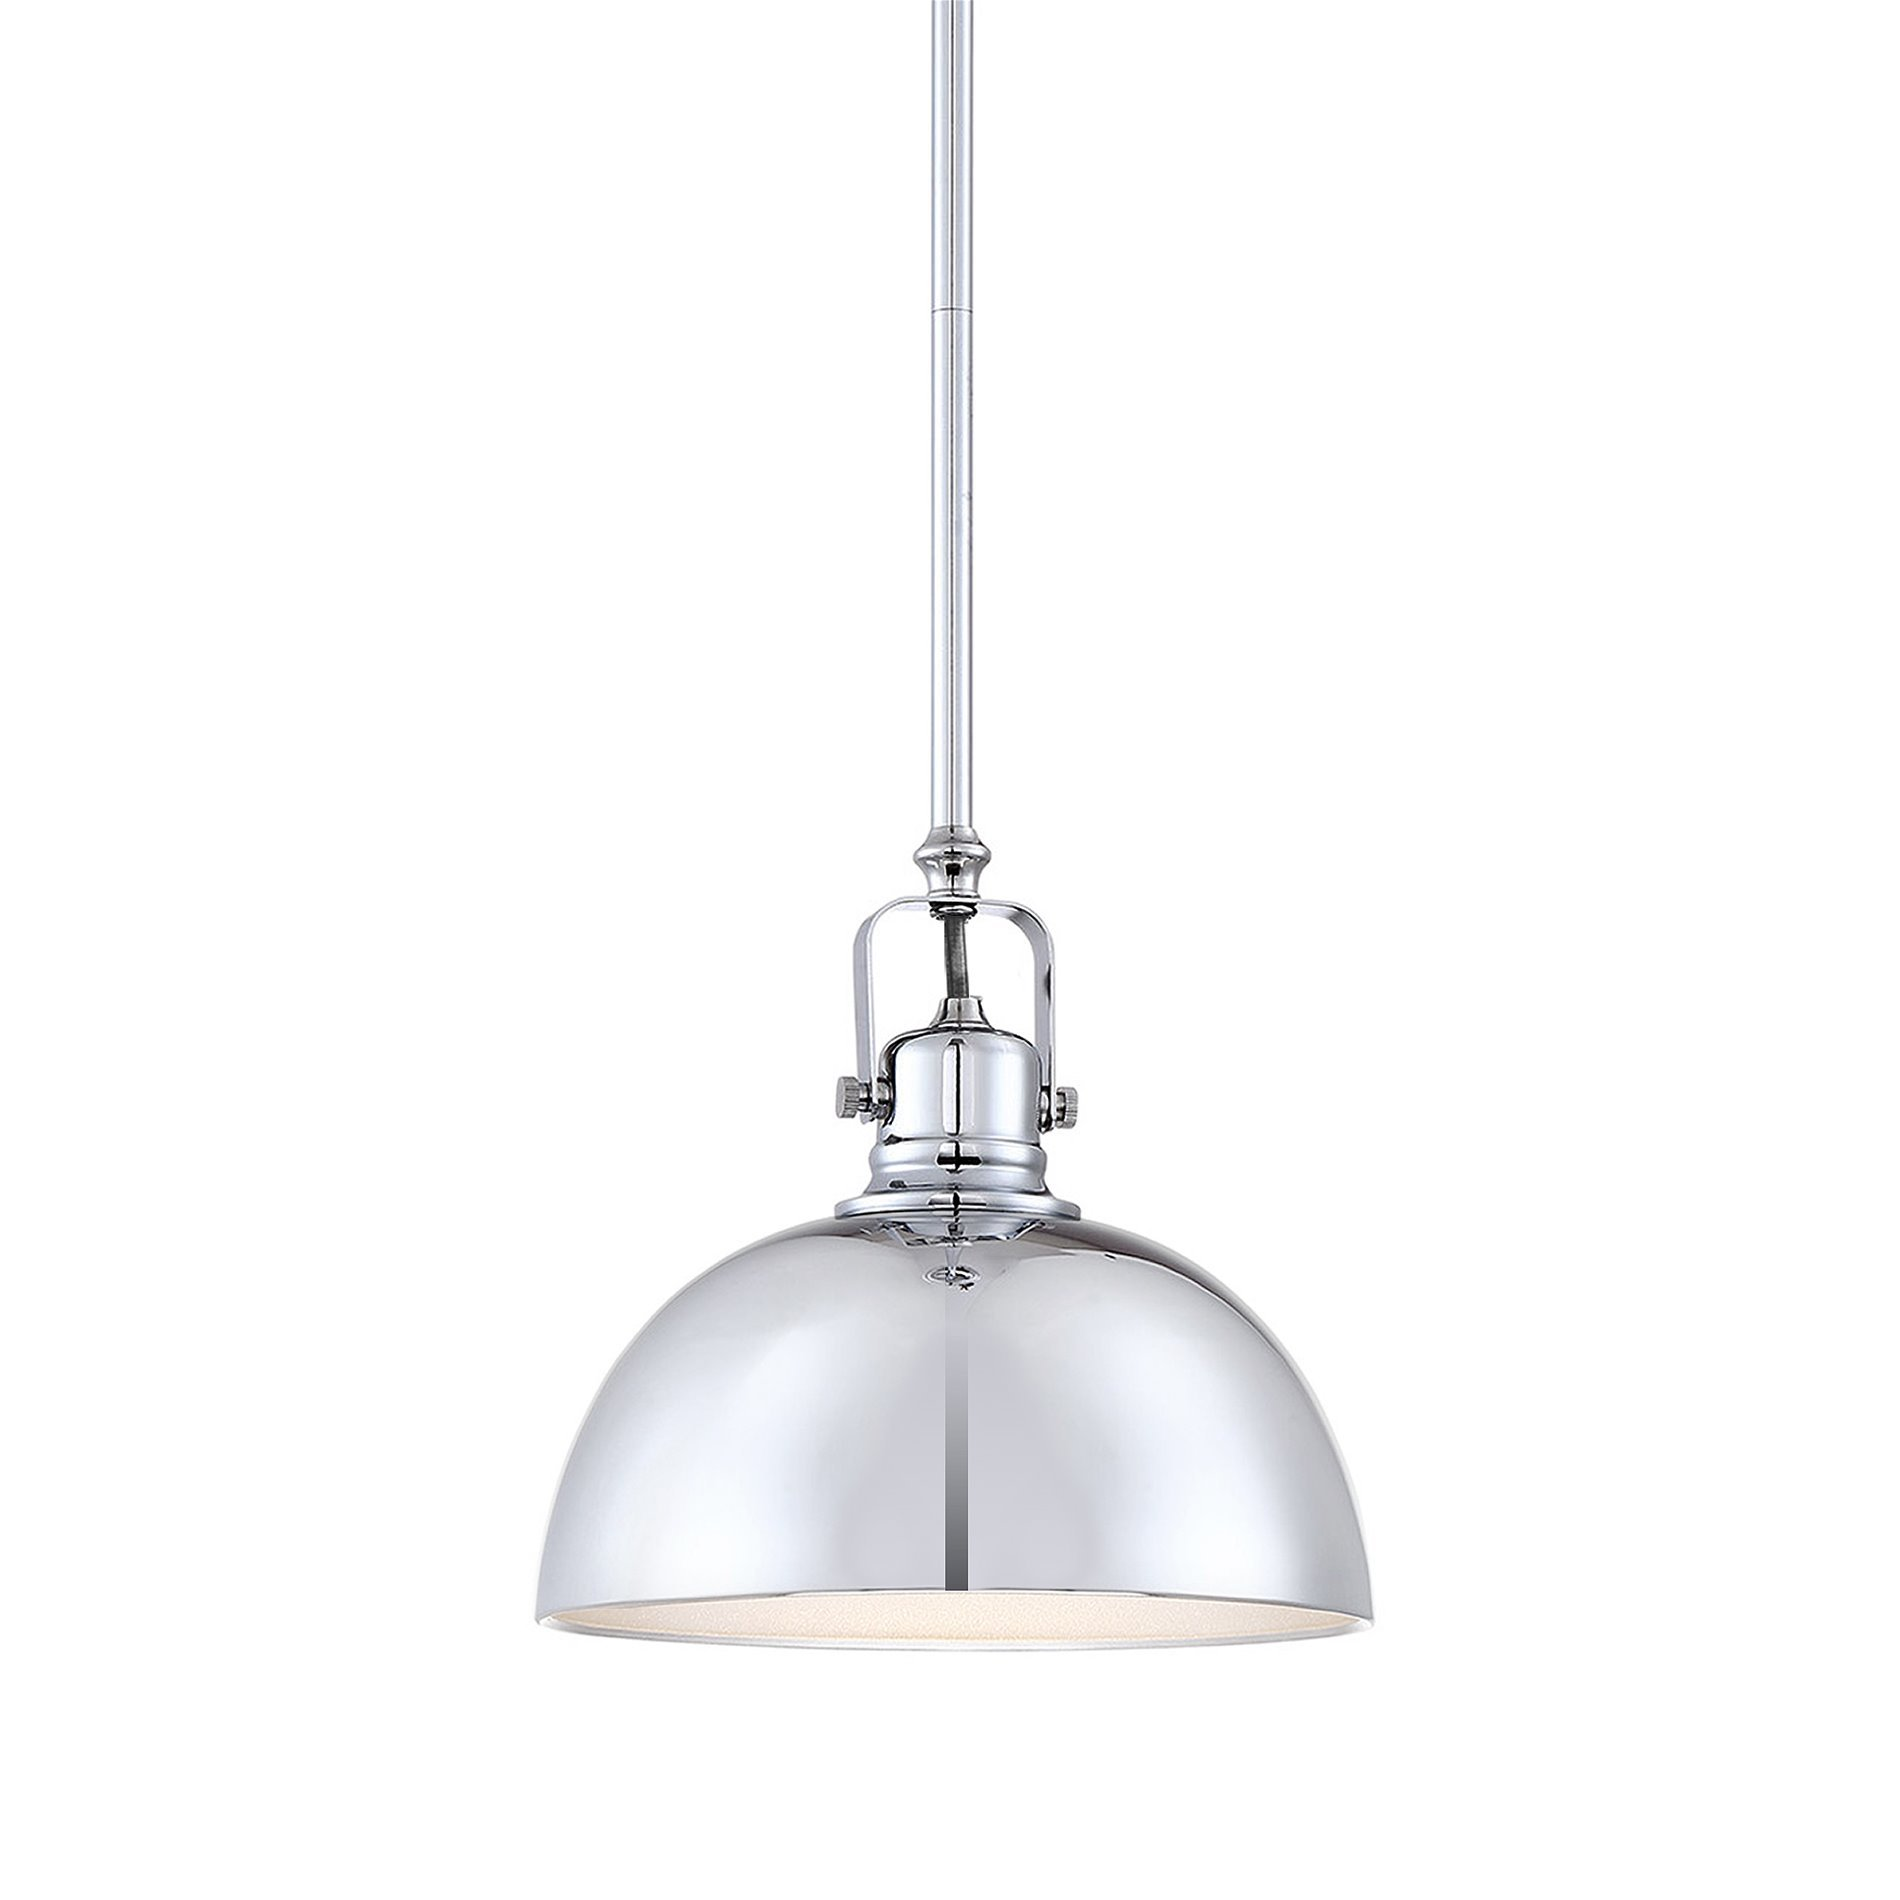 Revel/Kira Home Belle 9'' Contemporary 1-Light Pendant Light, Adjustable Length + Shade Swivel Joint, Chrome Finish